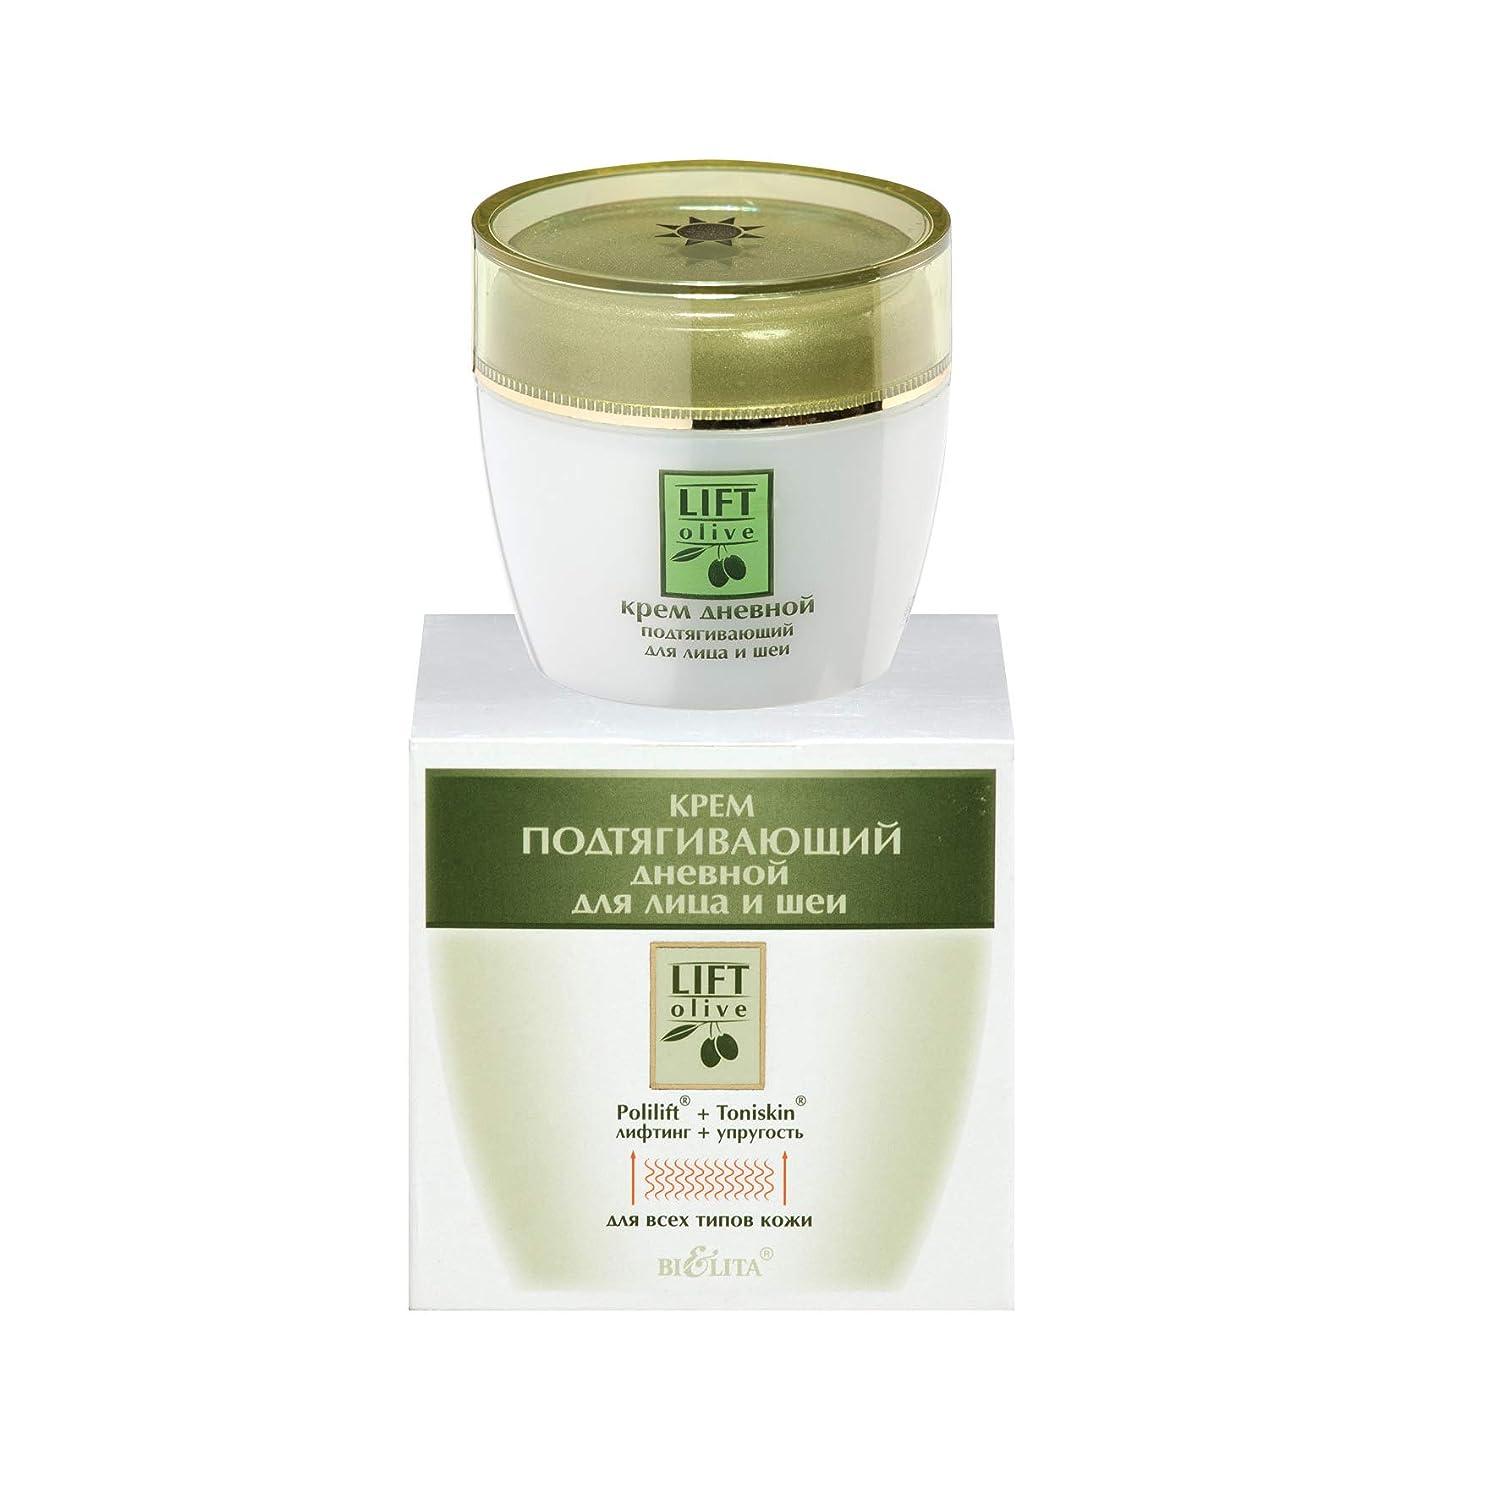 大使倒産転用Bielita & Vitex Lift Olive Line | Lifting Face & Neck Day Cream 30+ for All Skin Types, 50 ml | Olive Oil, Collagen, Elastin, Vitamins A and E